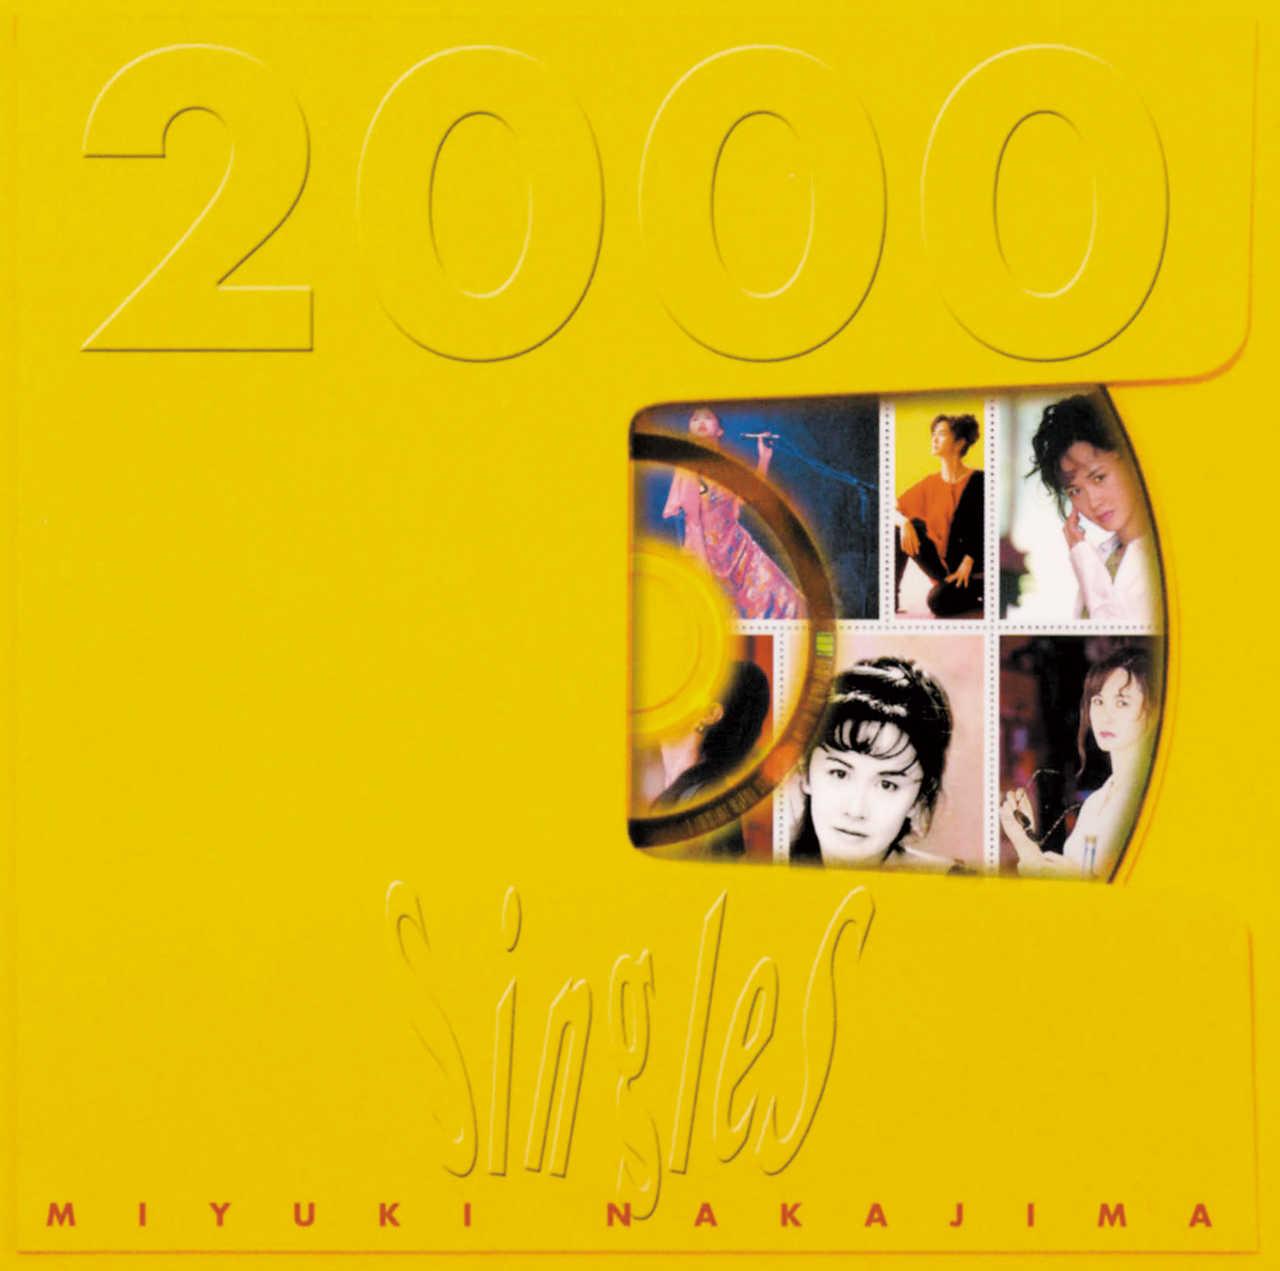 中島みゆき『Singles 2000』がミリオンセラー達成!新譜の特設ページと全曲トレーラーも公開